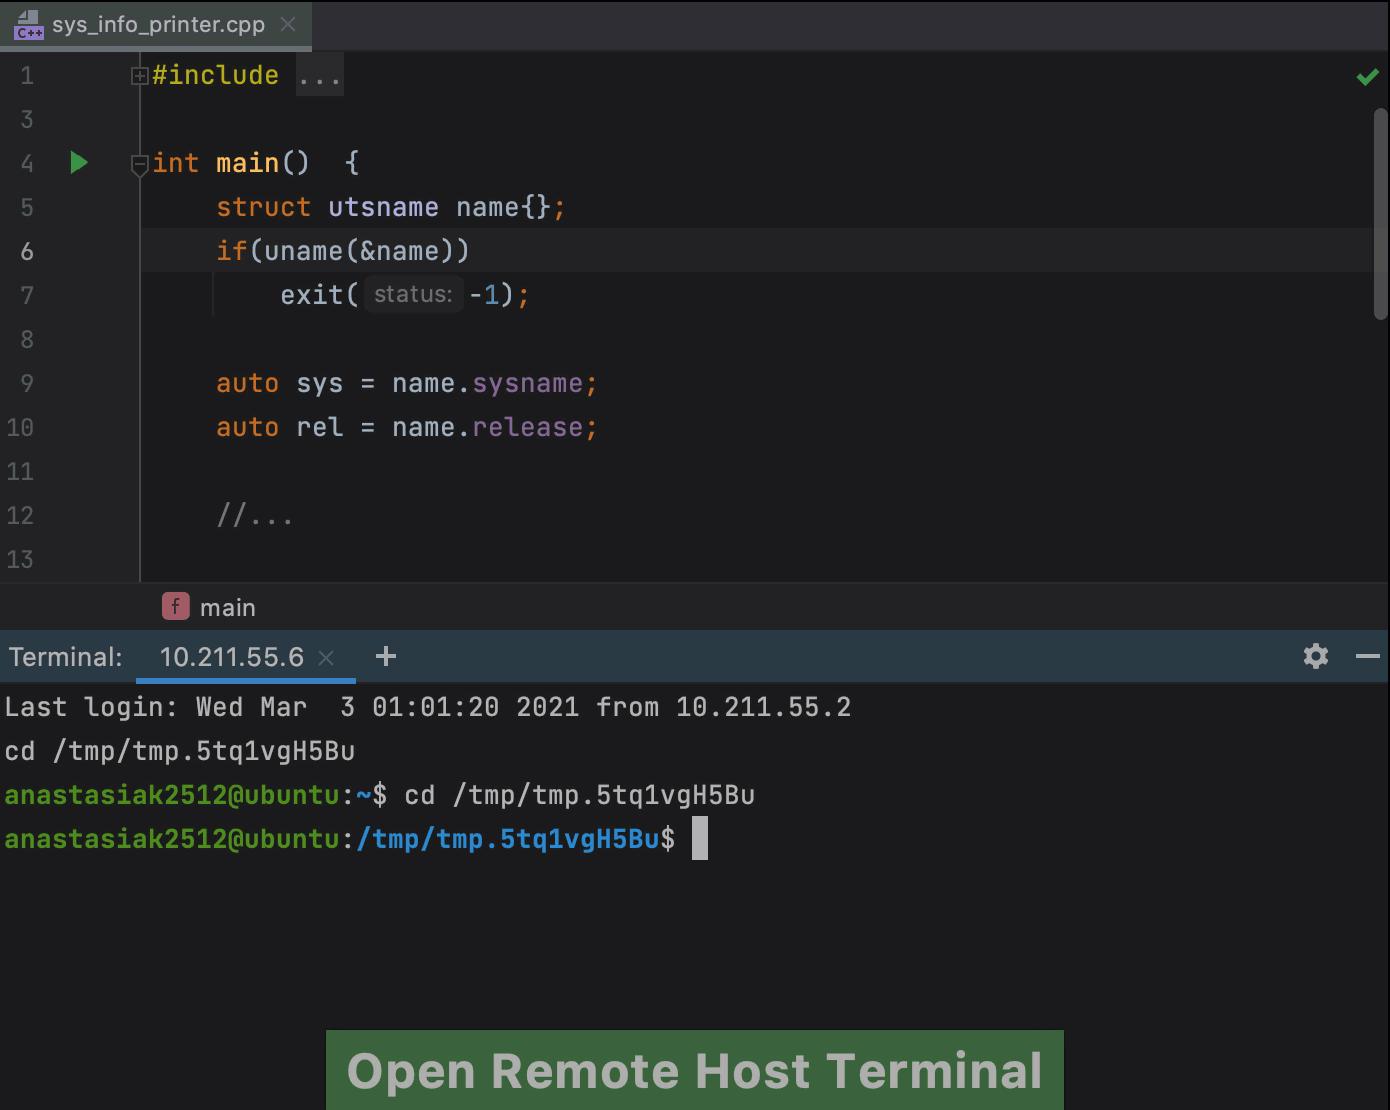 Open Remote Host